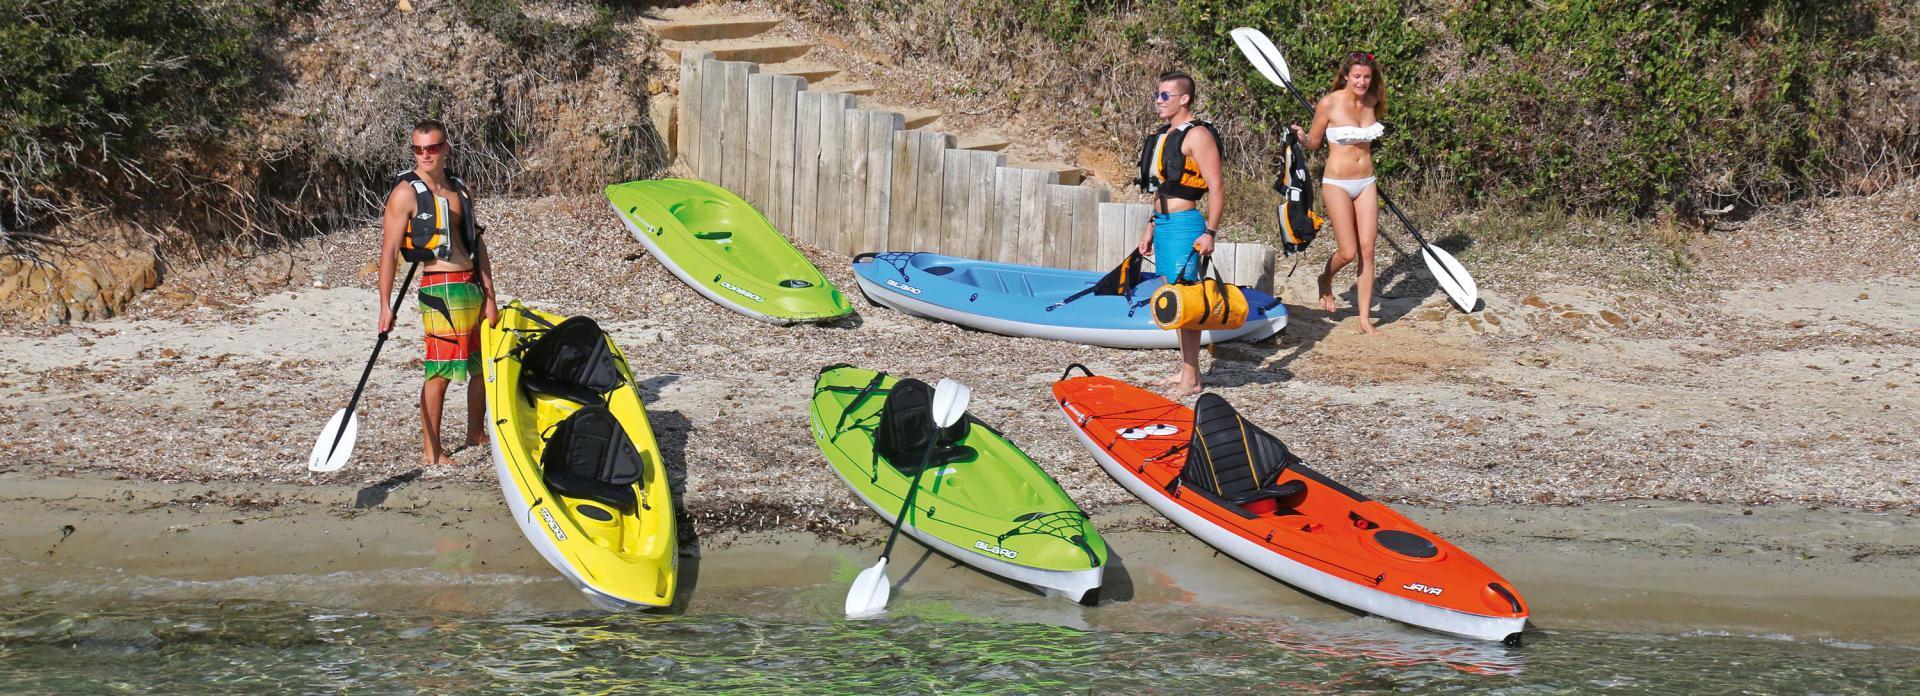 Sortie entre amis en kayak pour fêter un anniversaire au Club Nautique du Rohu, Morbihan, Bretagne